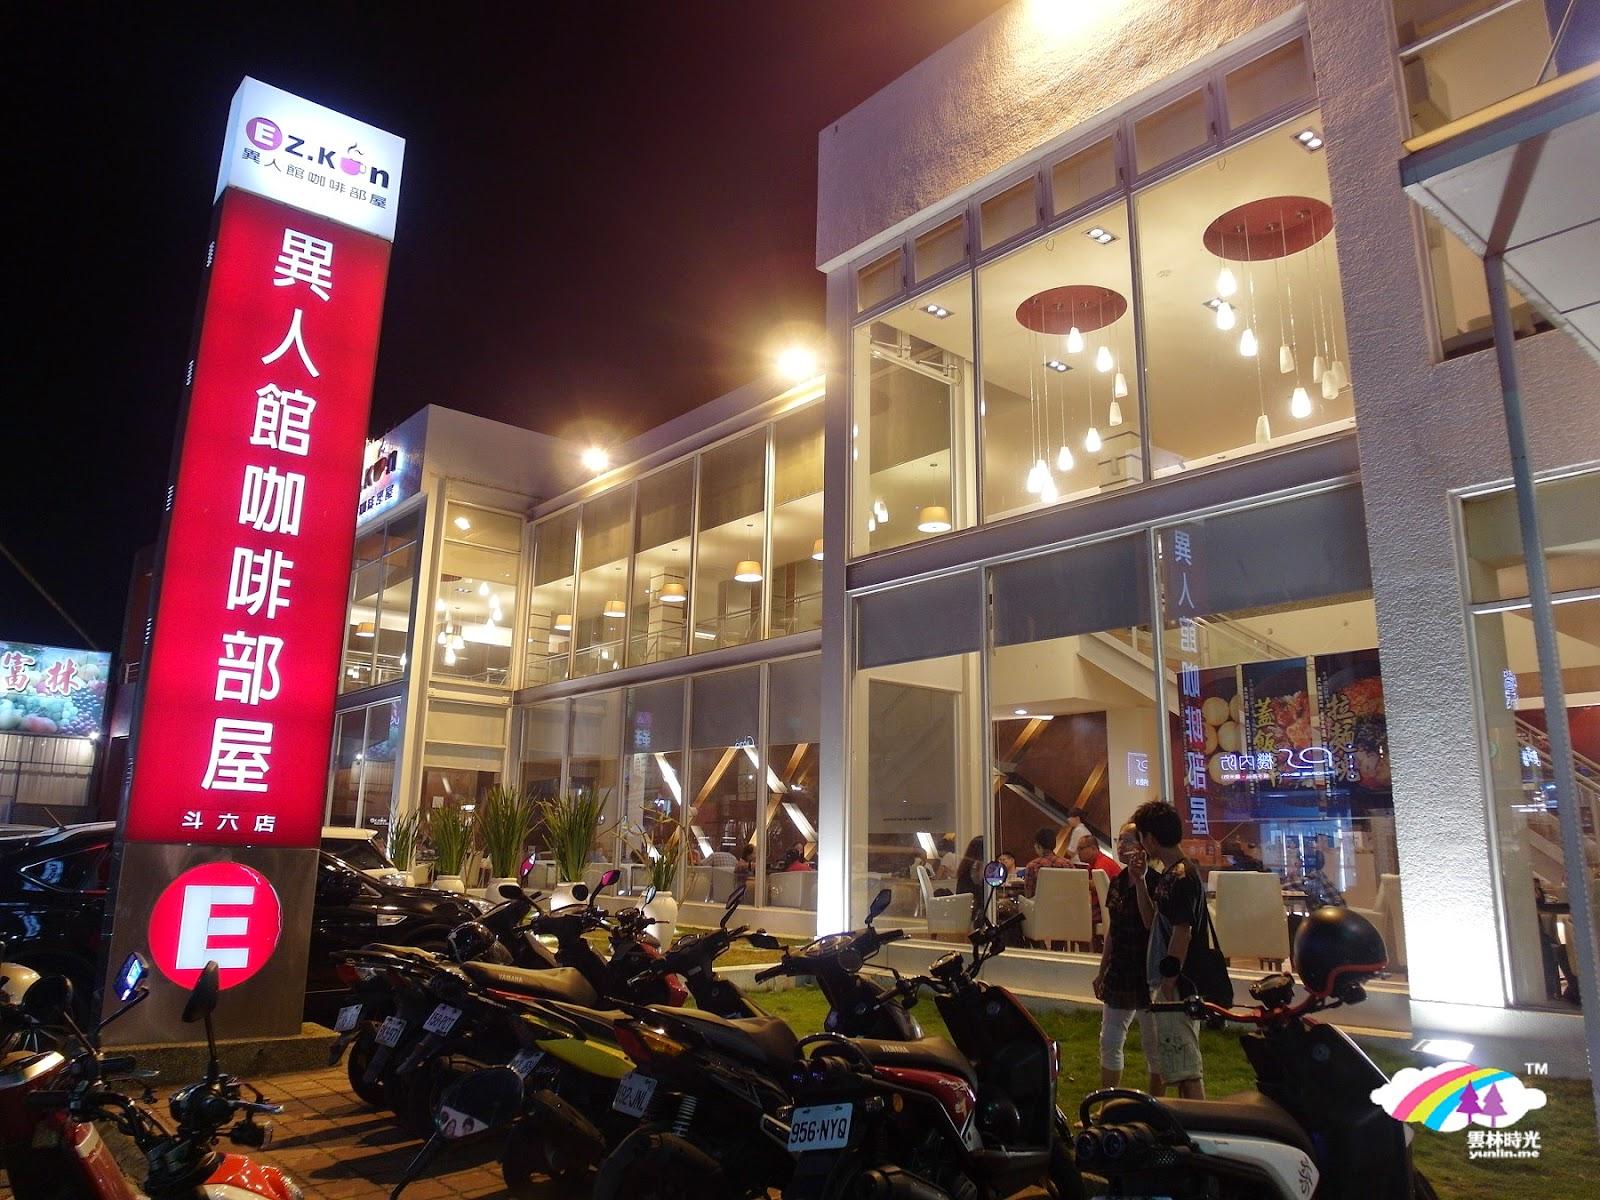 斗六- 異人館咖啡部屋 吃簡餐火鍋石鍋板燒都有